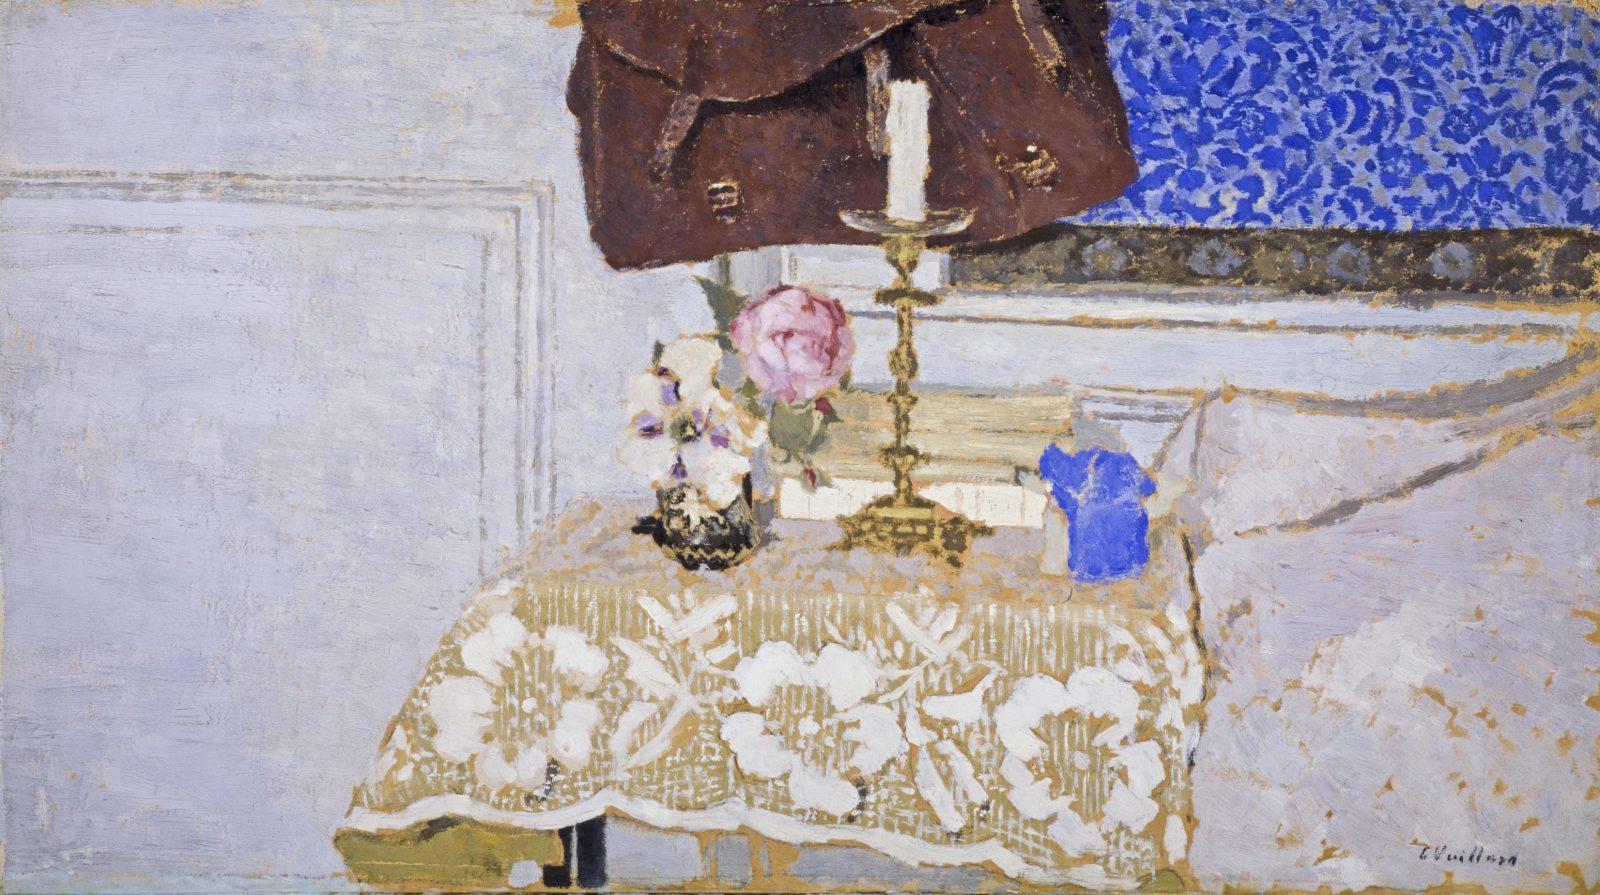 Edouard Vuillard The Candlestick